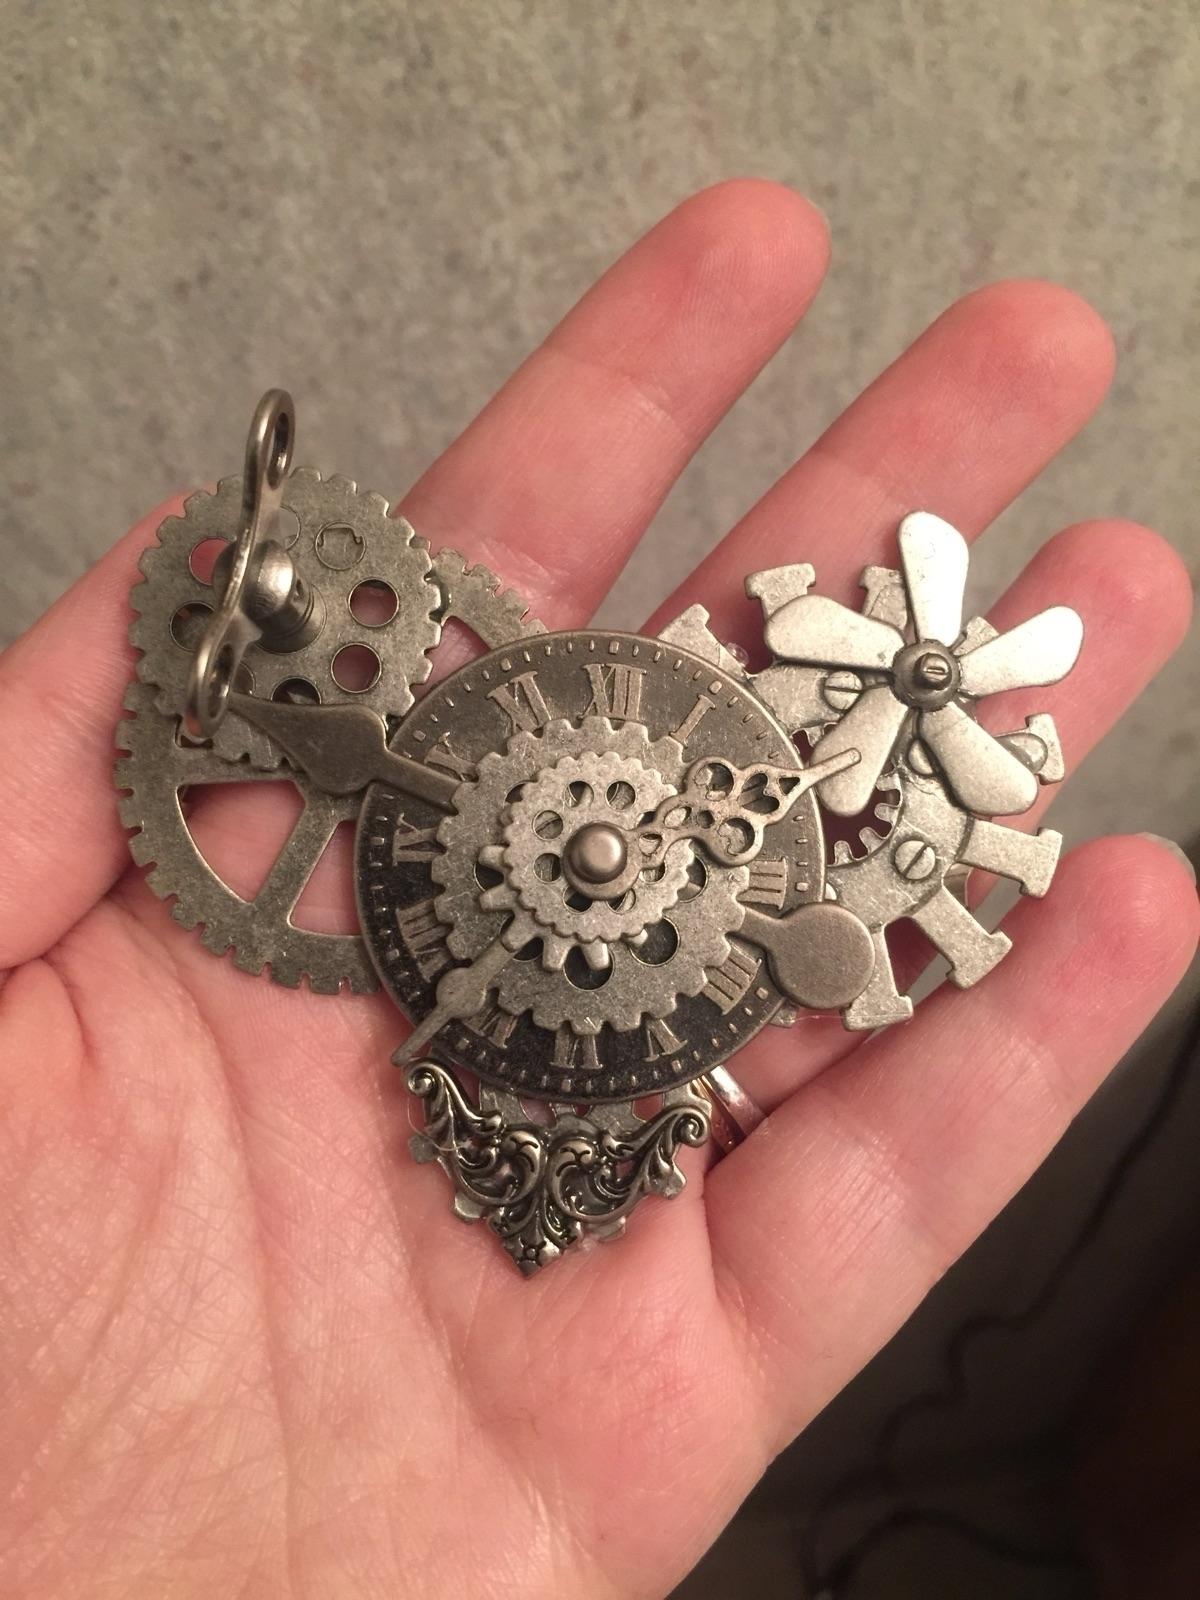 Tin Heart brooch/ pin! shop - aestheticambrosia - aestheticambrosia | ello